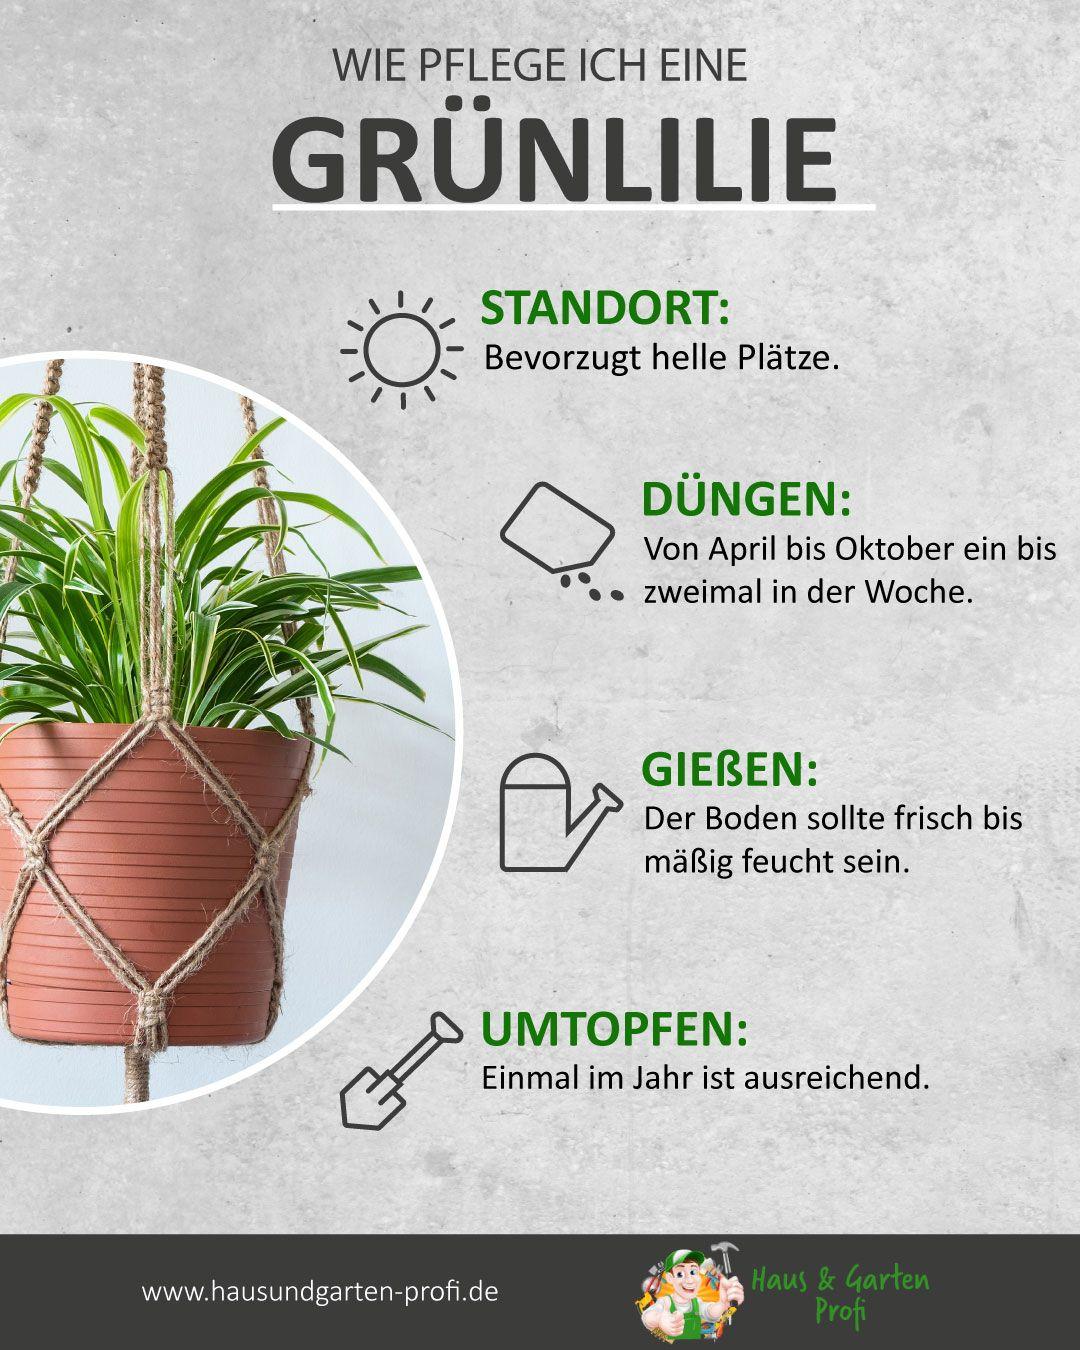 Die Grünlilie Tricks und Tipps zum Thema: (Umtopfen, Gießen, Düngen, Standort)